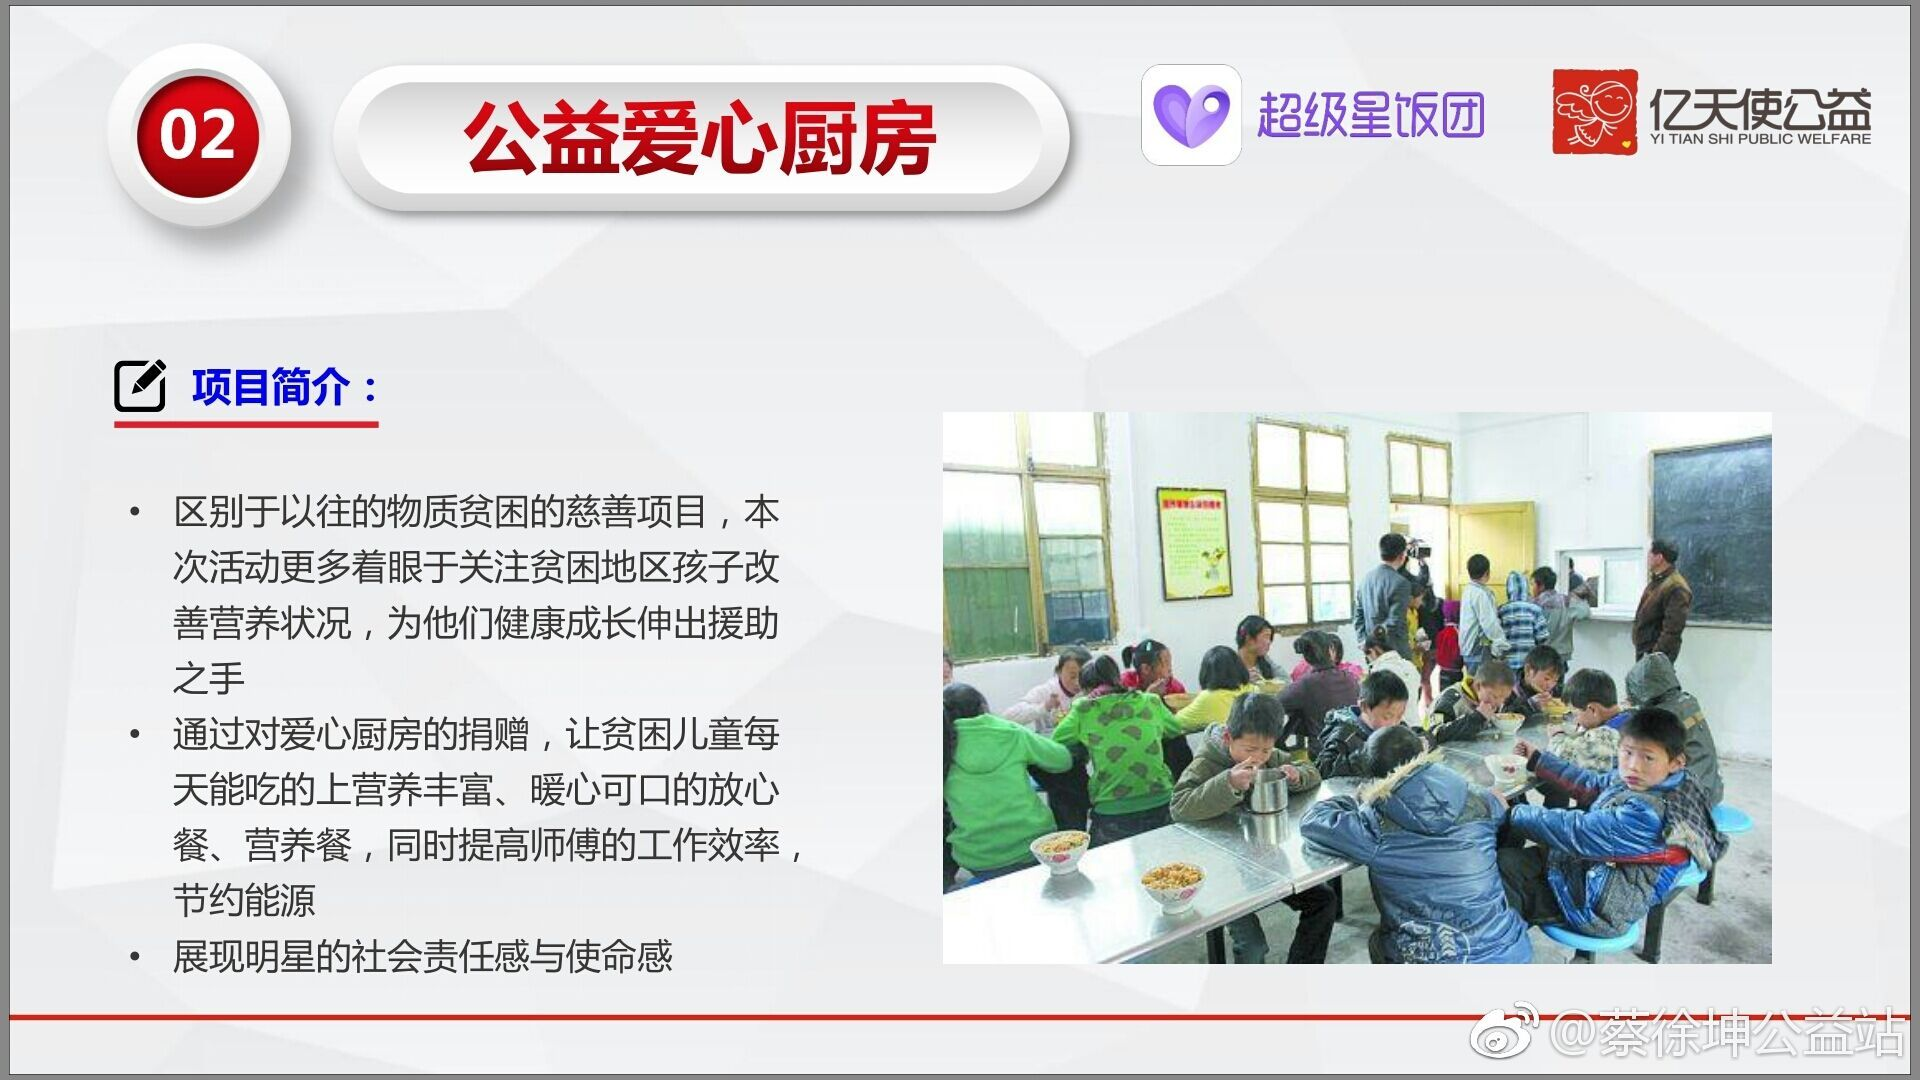 蔡徐坤发手持玫瑰帅照,ikun联合超级星饭团送800万粉丝反向公益福利